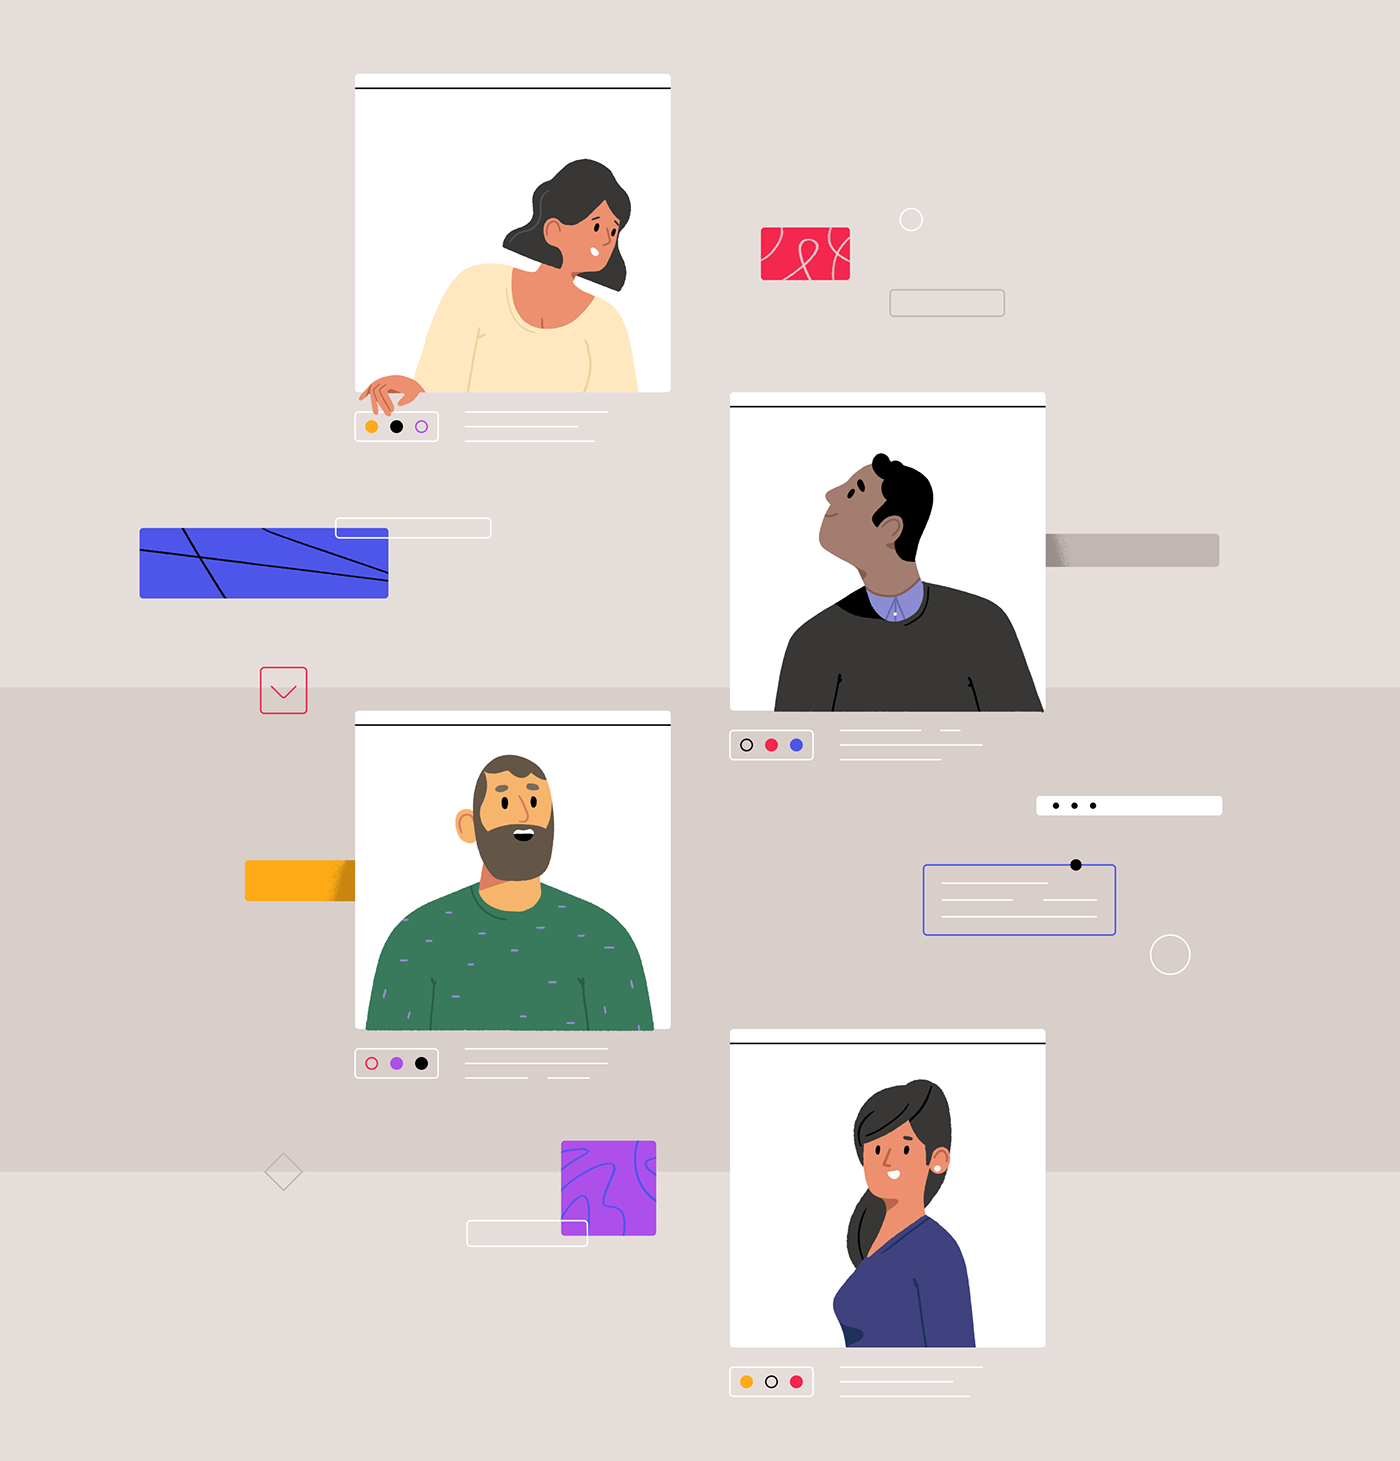 Nice illustrated people, Adobe!